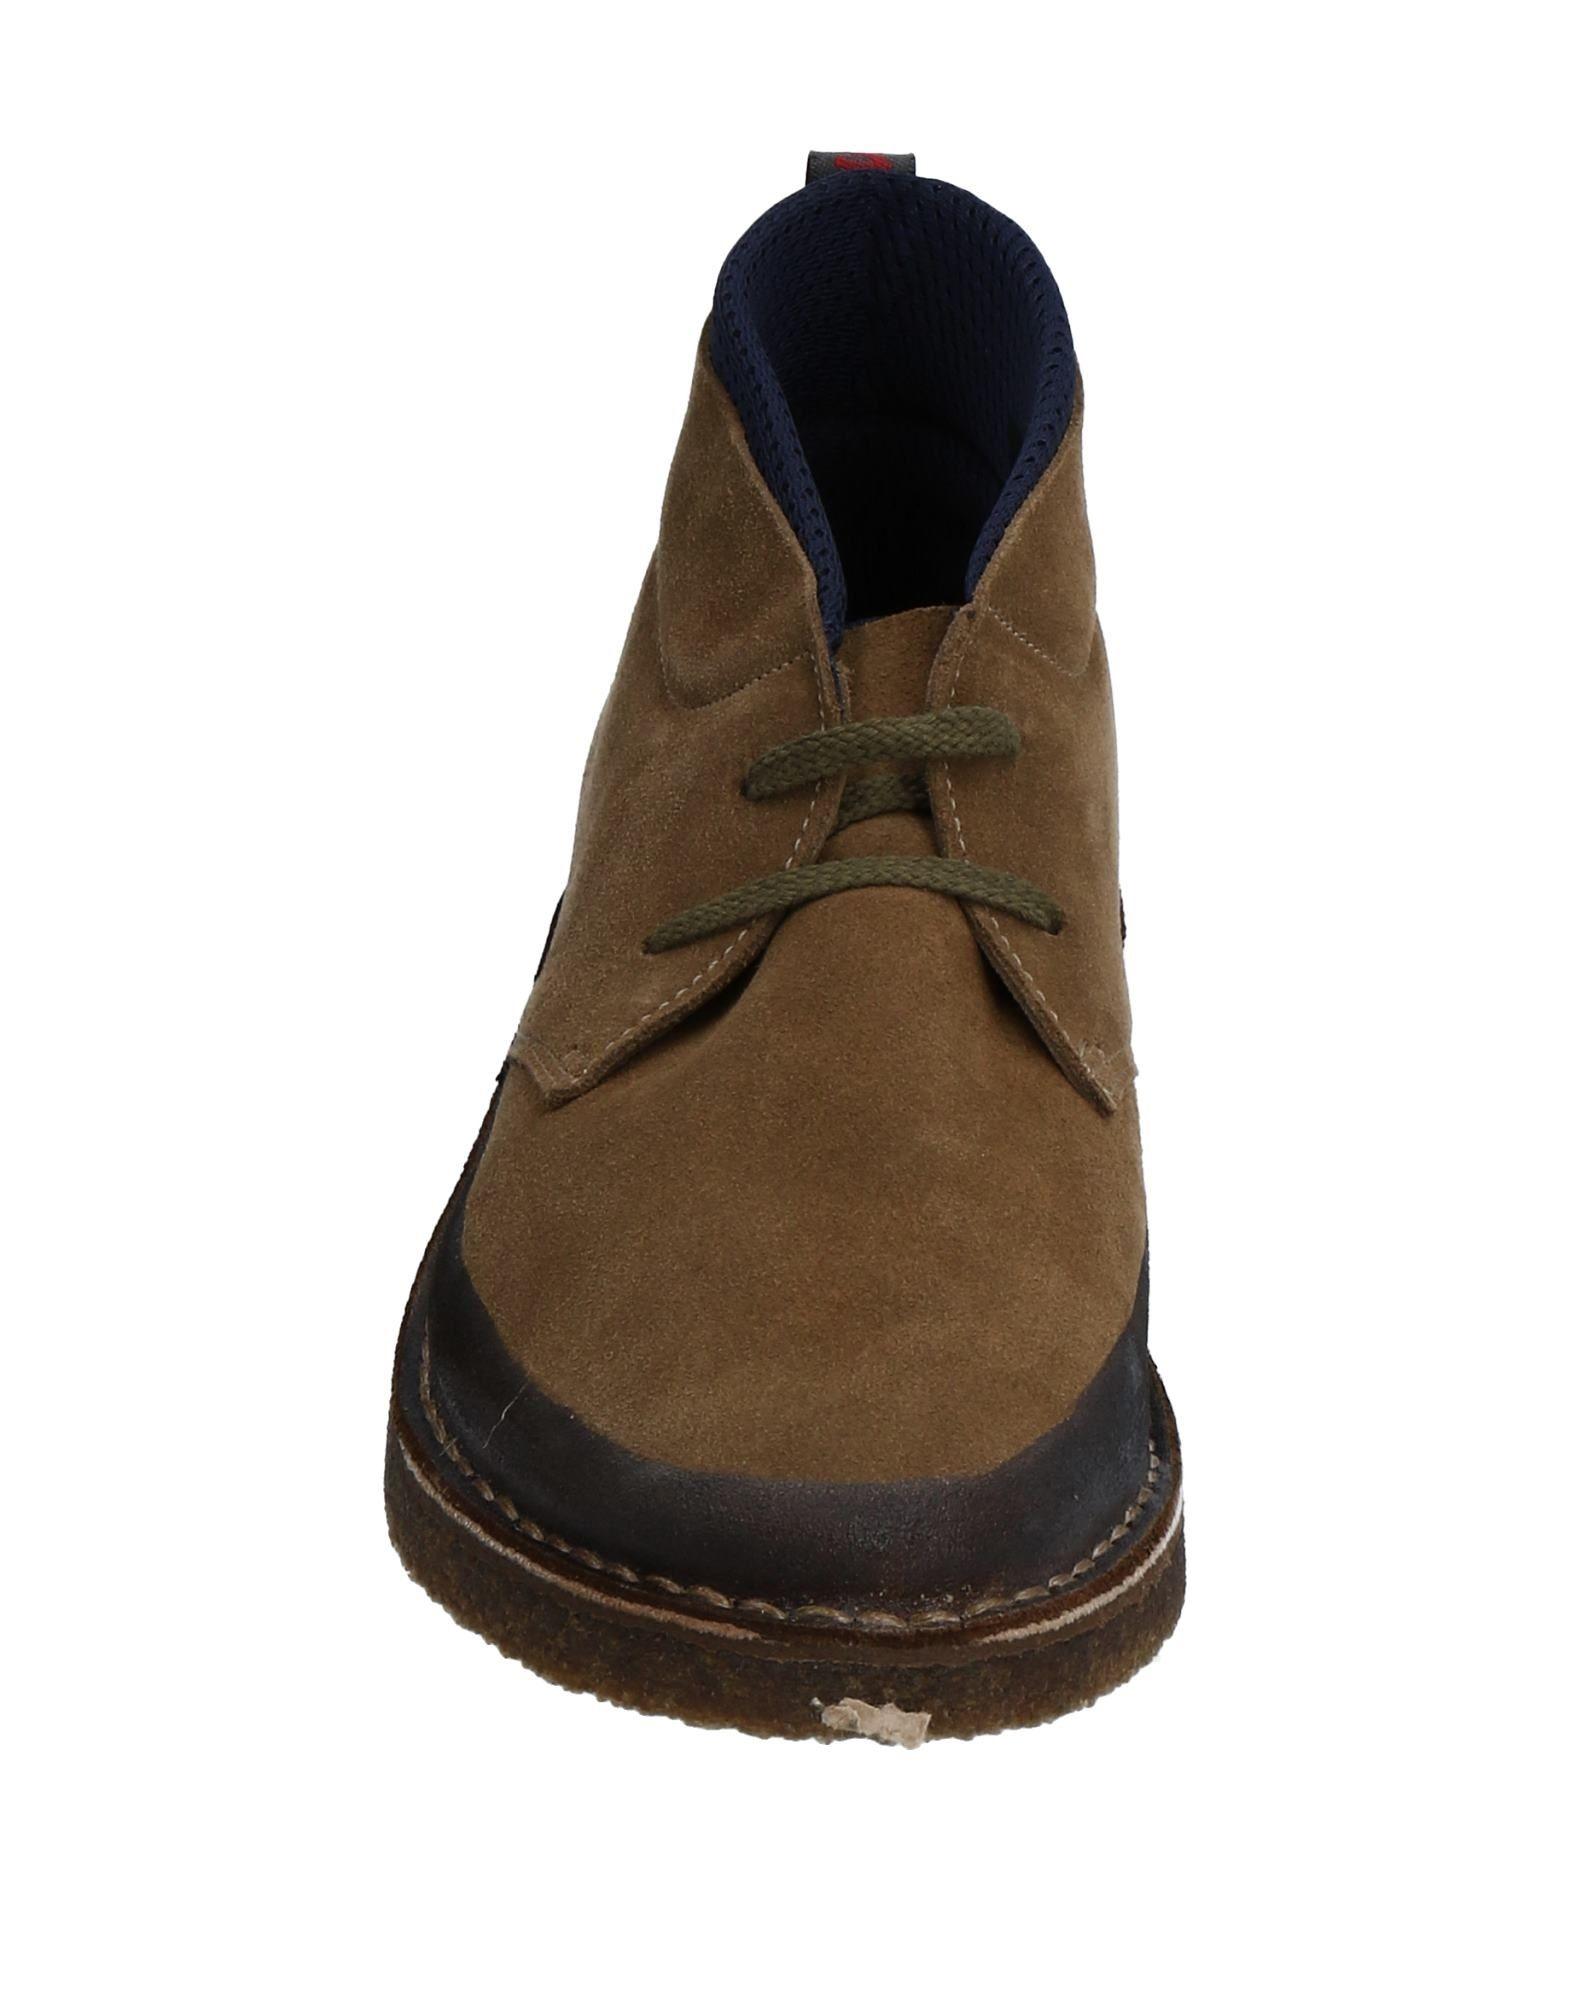 Rabatt Stiefelette echte Schuhe Wally Walker Stiefelette Rabatt Herren  11527504WN 9ba280